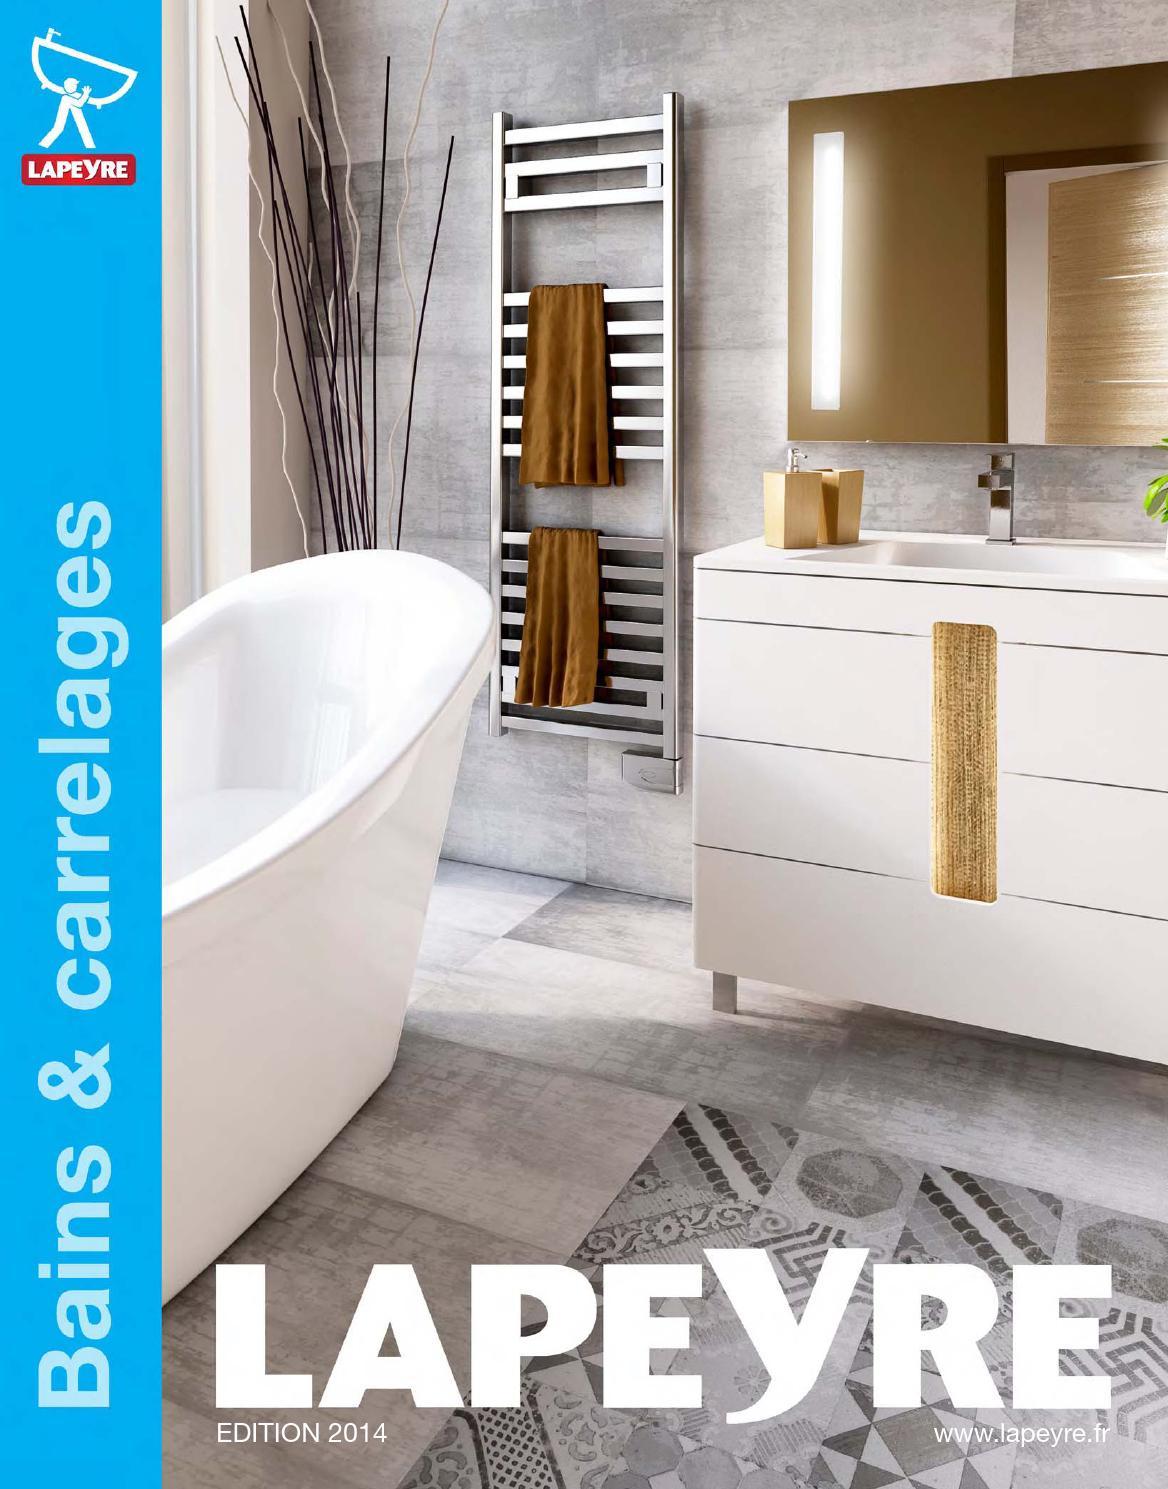 Salle De Bain Esprit Scandinave Beau Photographie Catalogue Lapeyre Bains & Carrelages 2014 by Joe Monroe issuu